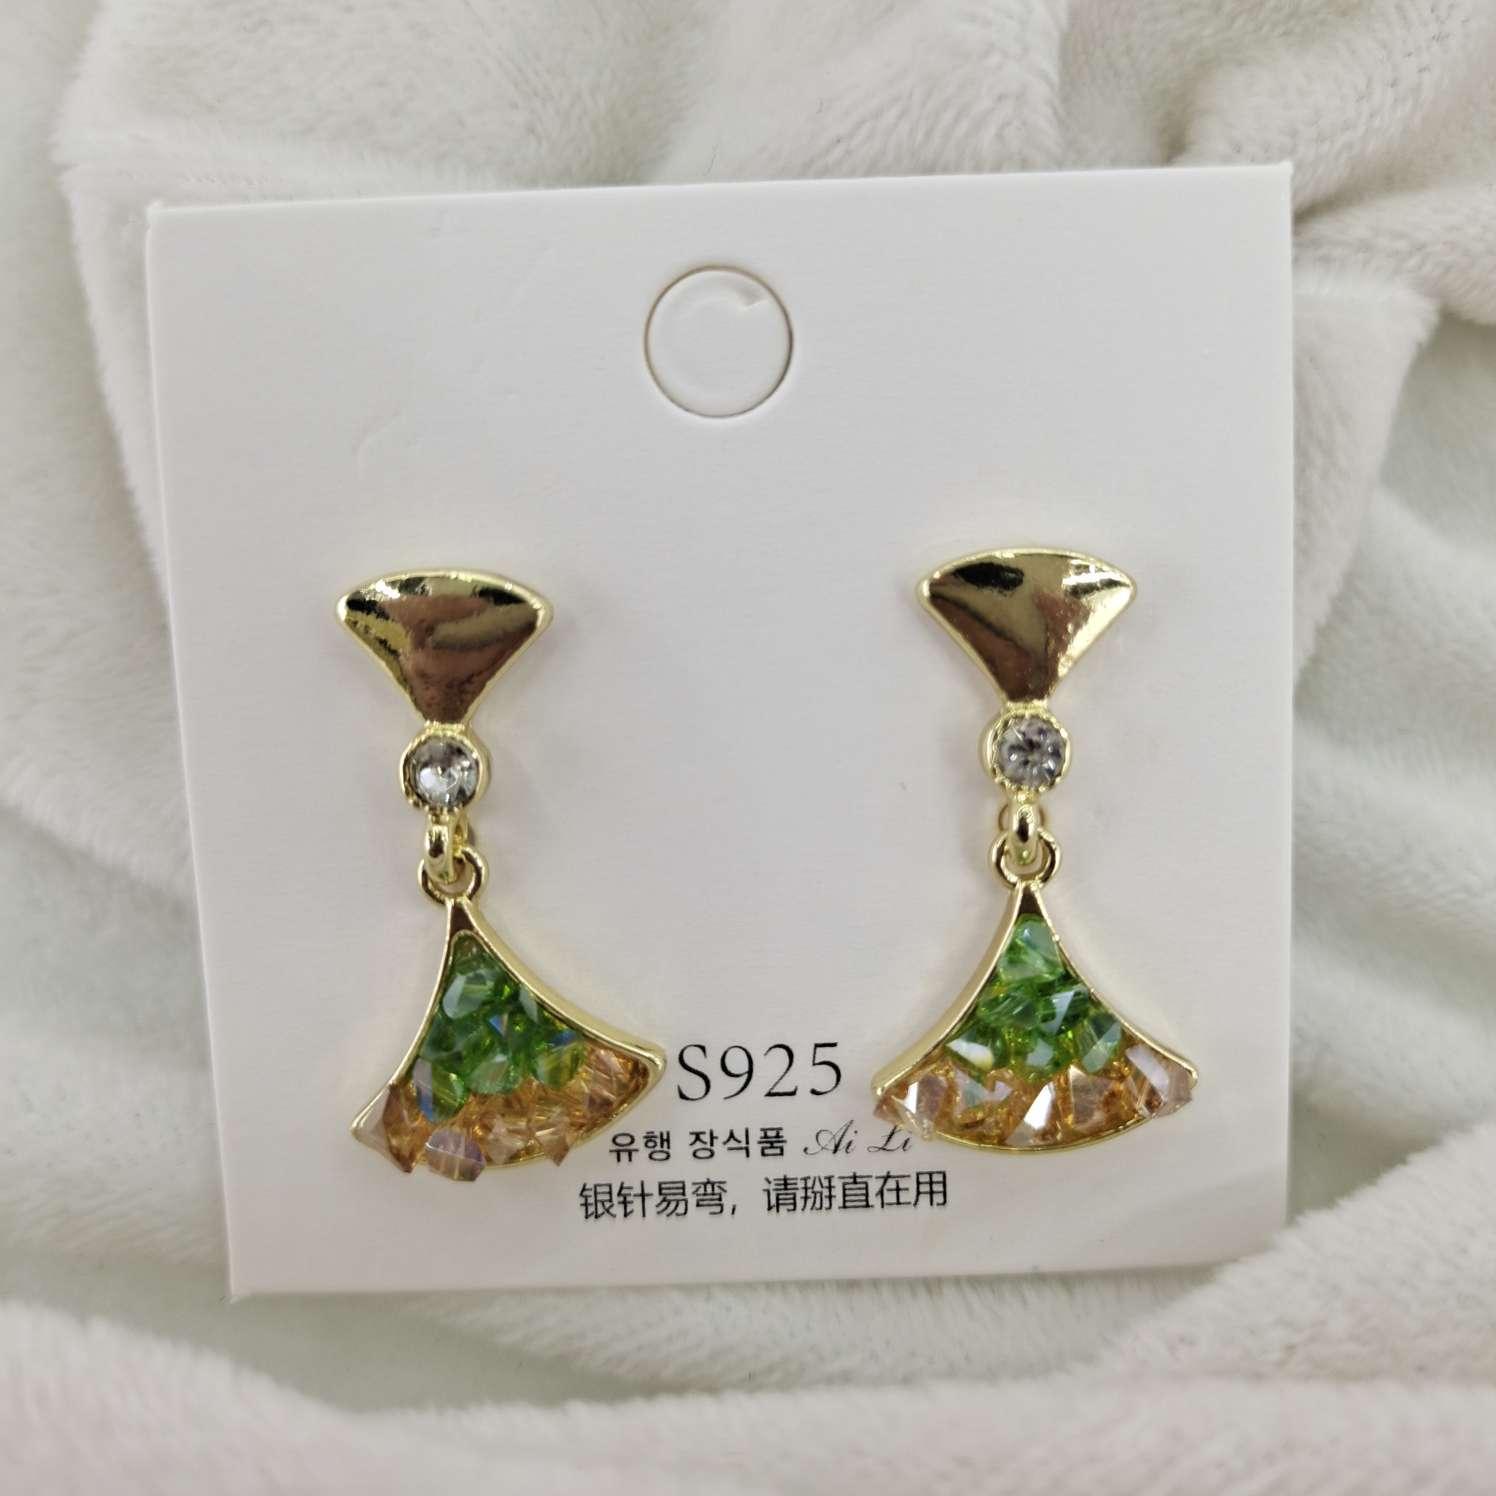 新款珍珠耳钉女小众设计感纯银小简约冷淡风森系耳饰仙女风超仙